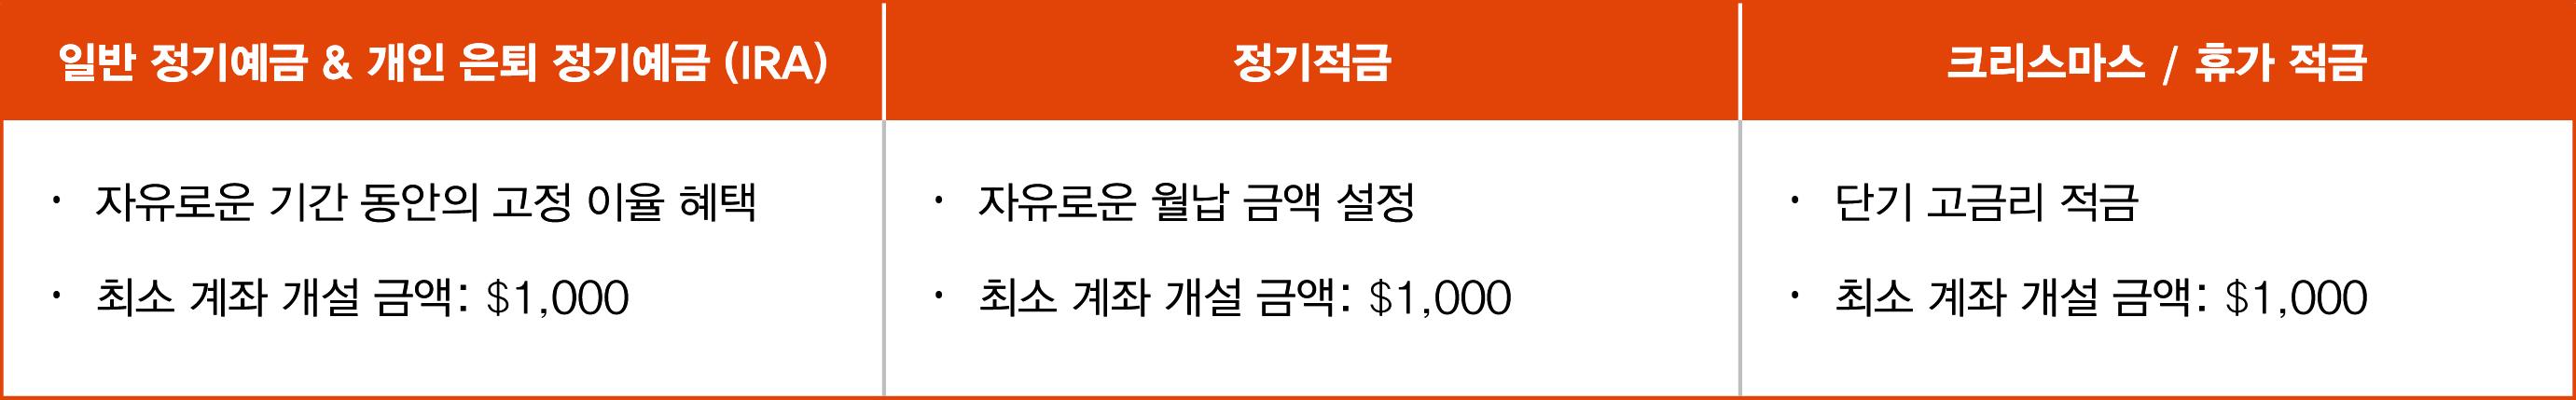 개인뱅킹 / 정기 저축 상품